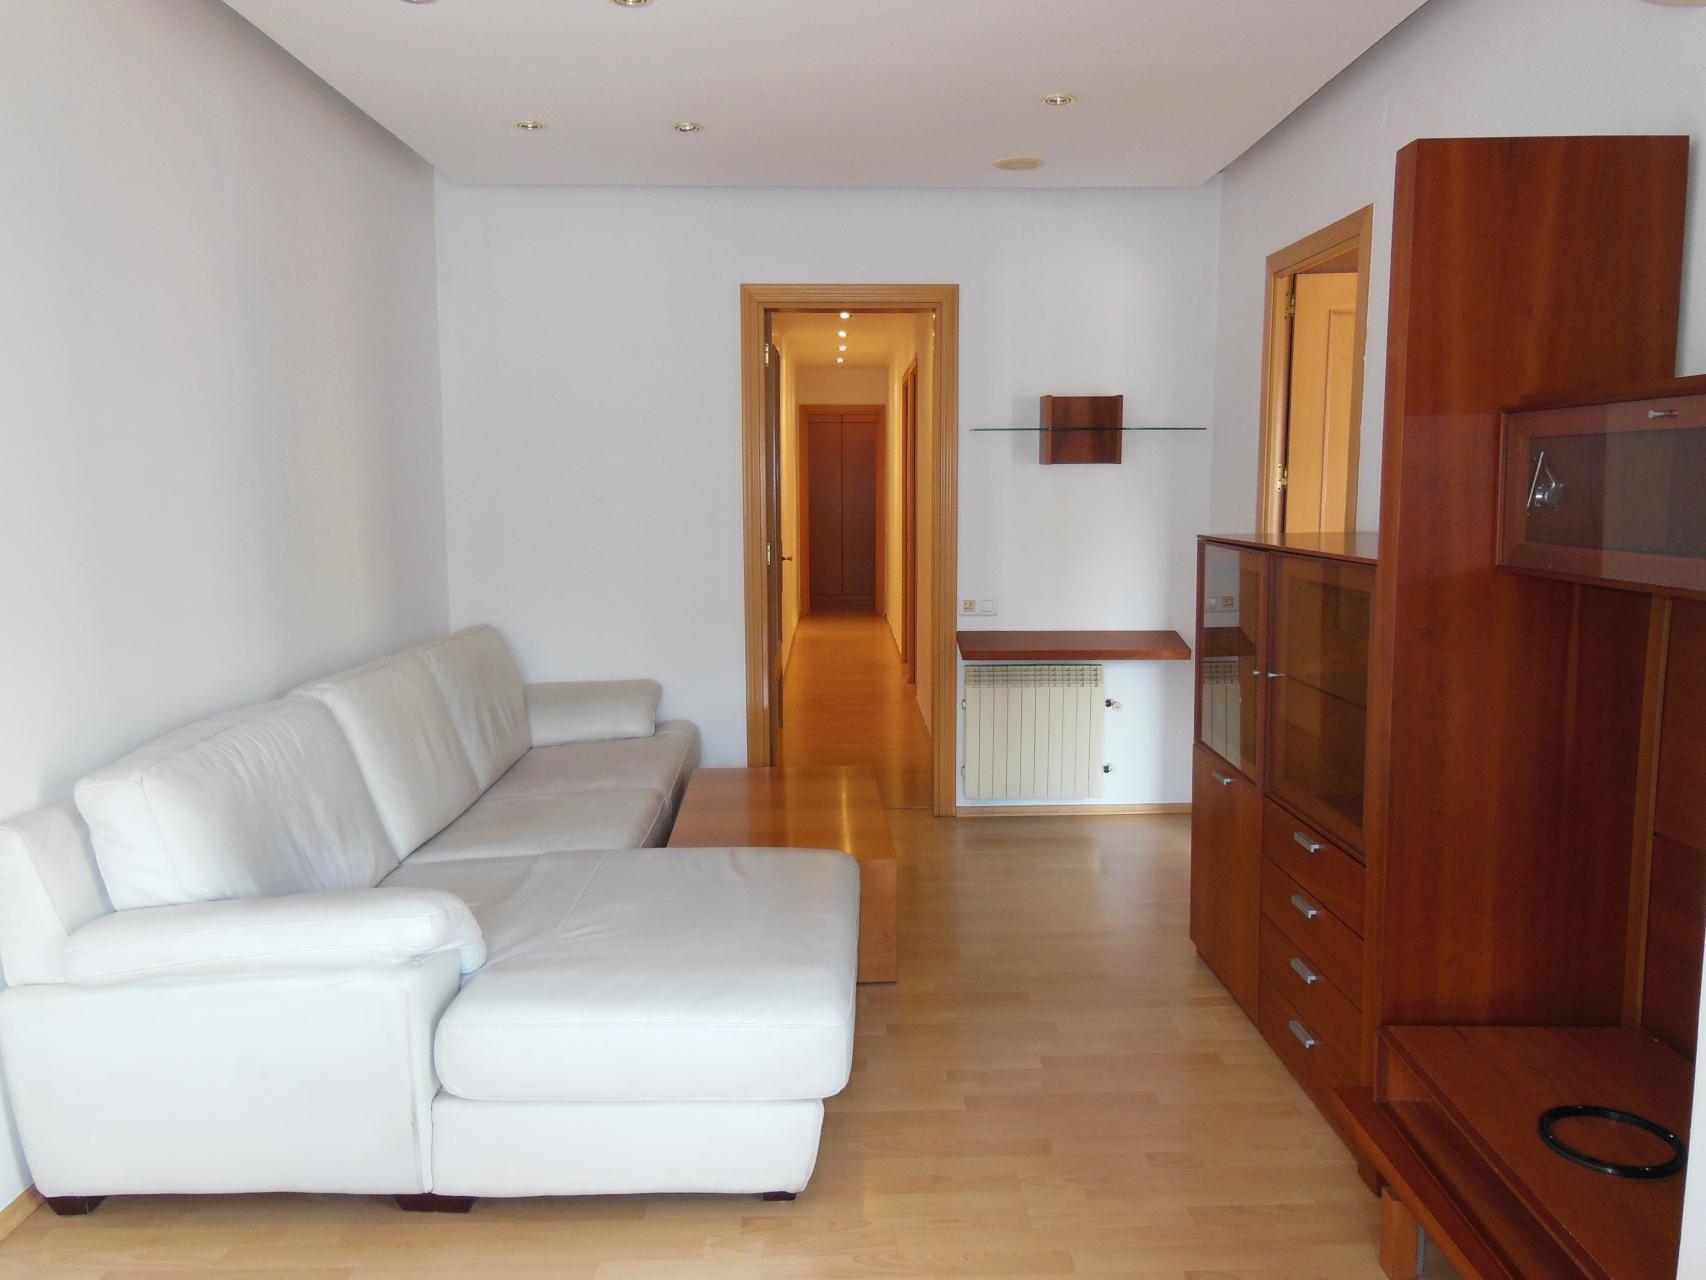 Piso en alquiler barcelona l 39 eixample girona proven a - Alquiler pisos barcelona eixample ...